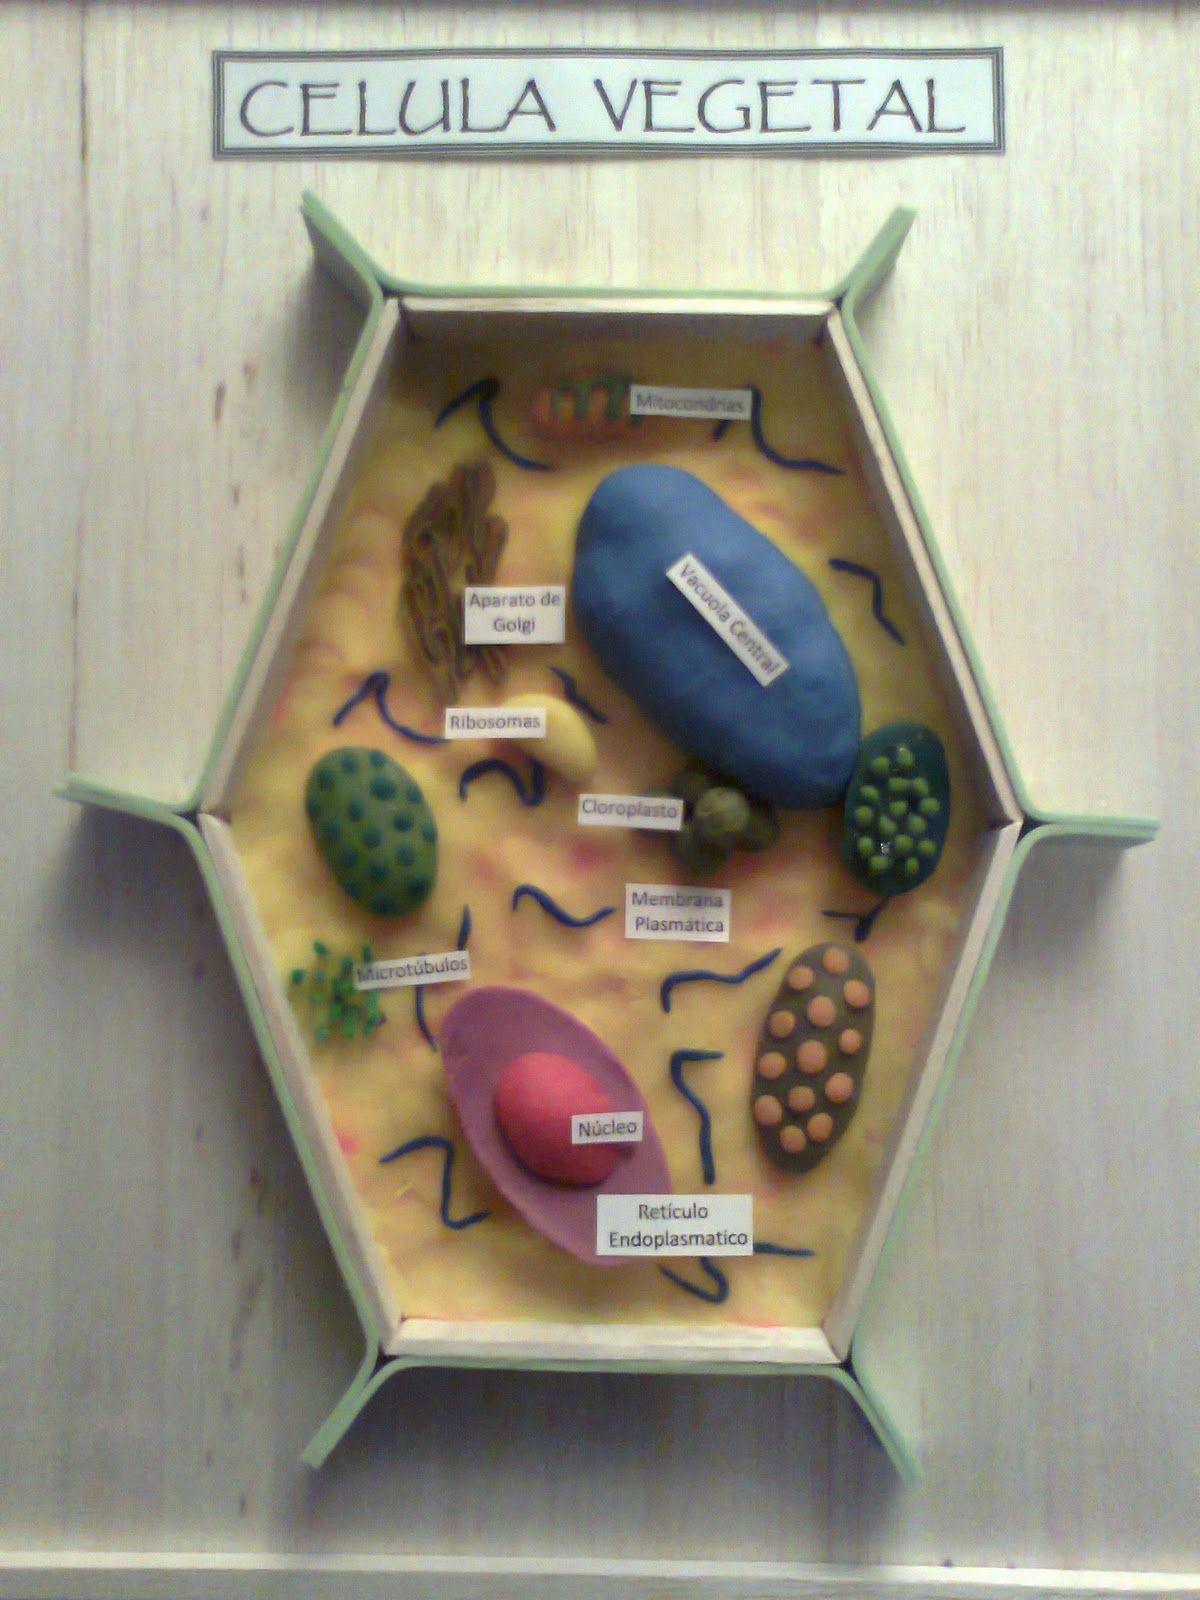 Celula vegetal   Jimena   Pinterest   Célula vegetal, Celulas y ...